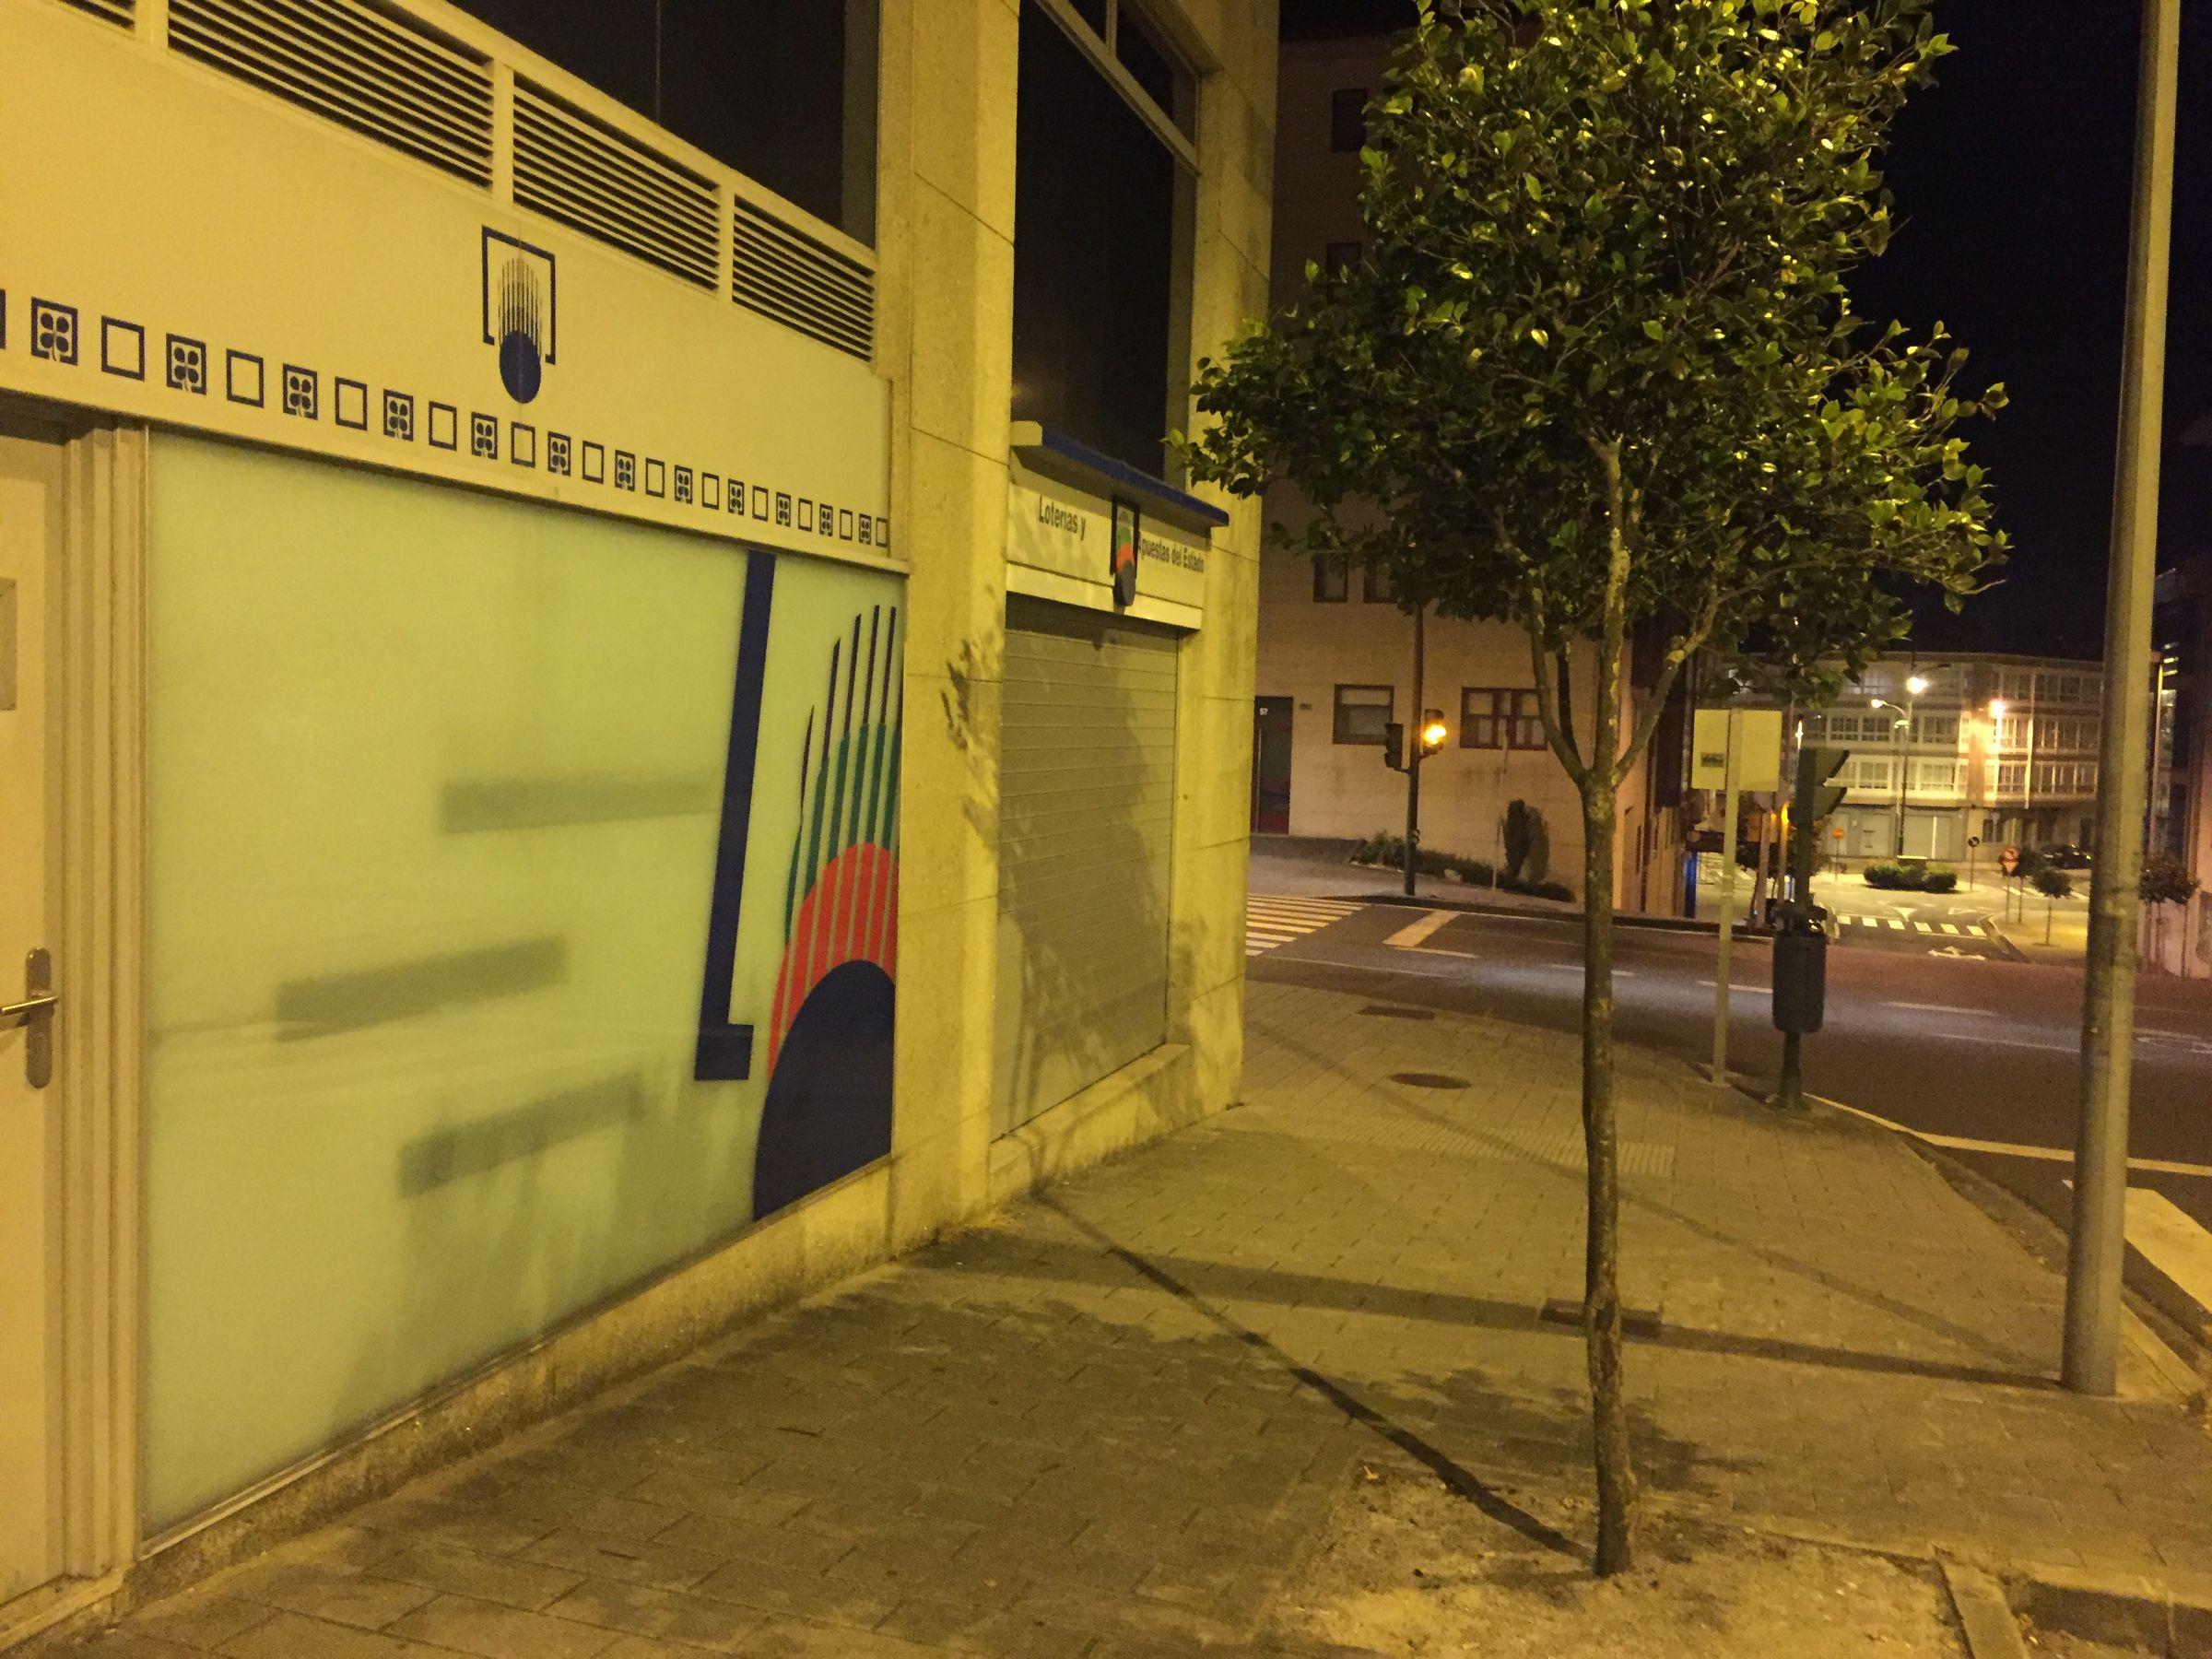 Administración de lotería de la avenida de Ferrol, en Santiago